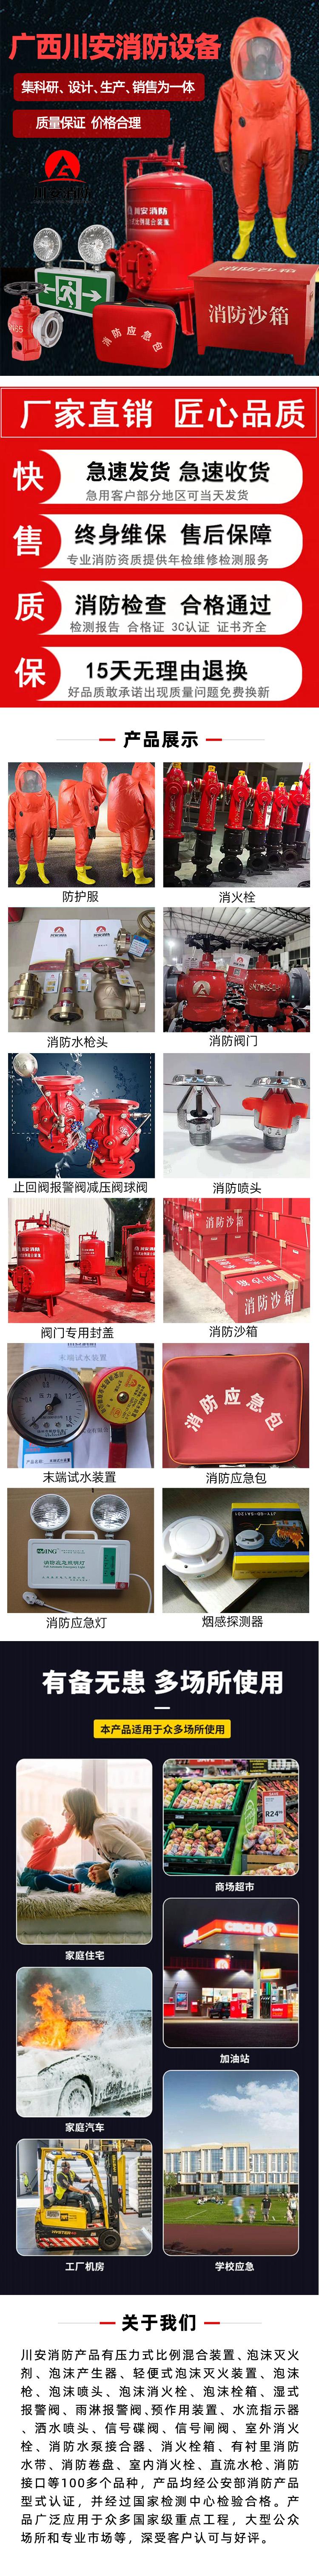 107广西川安消防设备有限公司.jpg